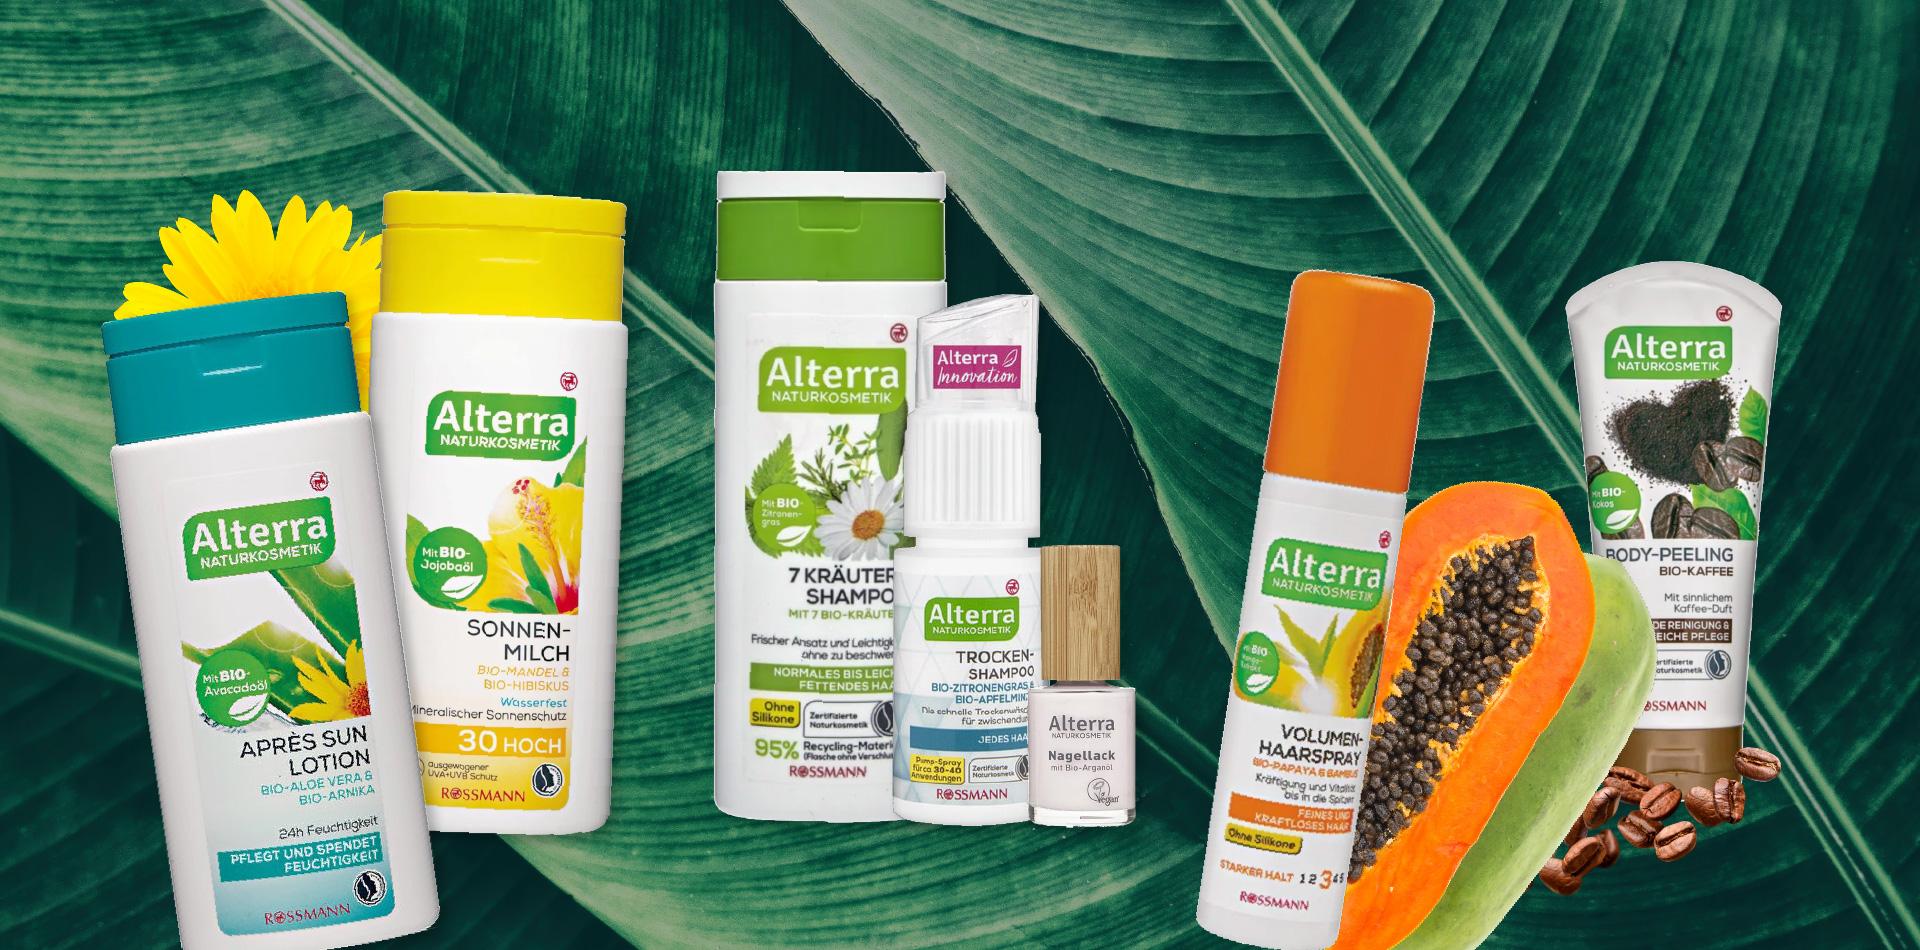 Alterra cosmética natural